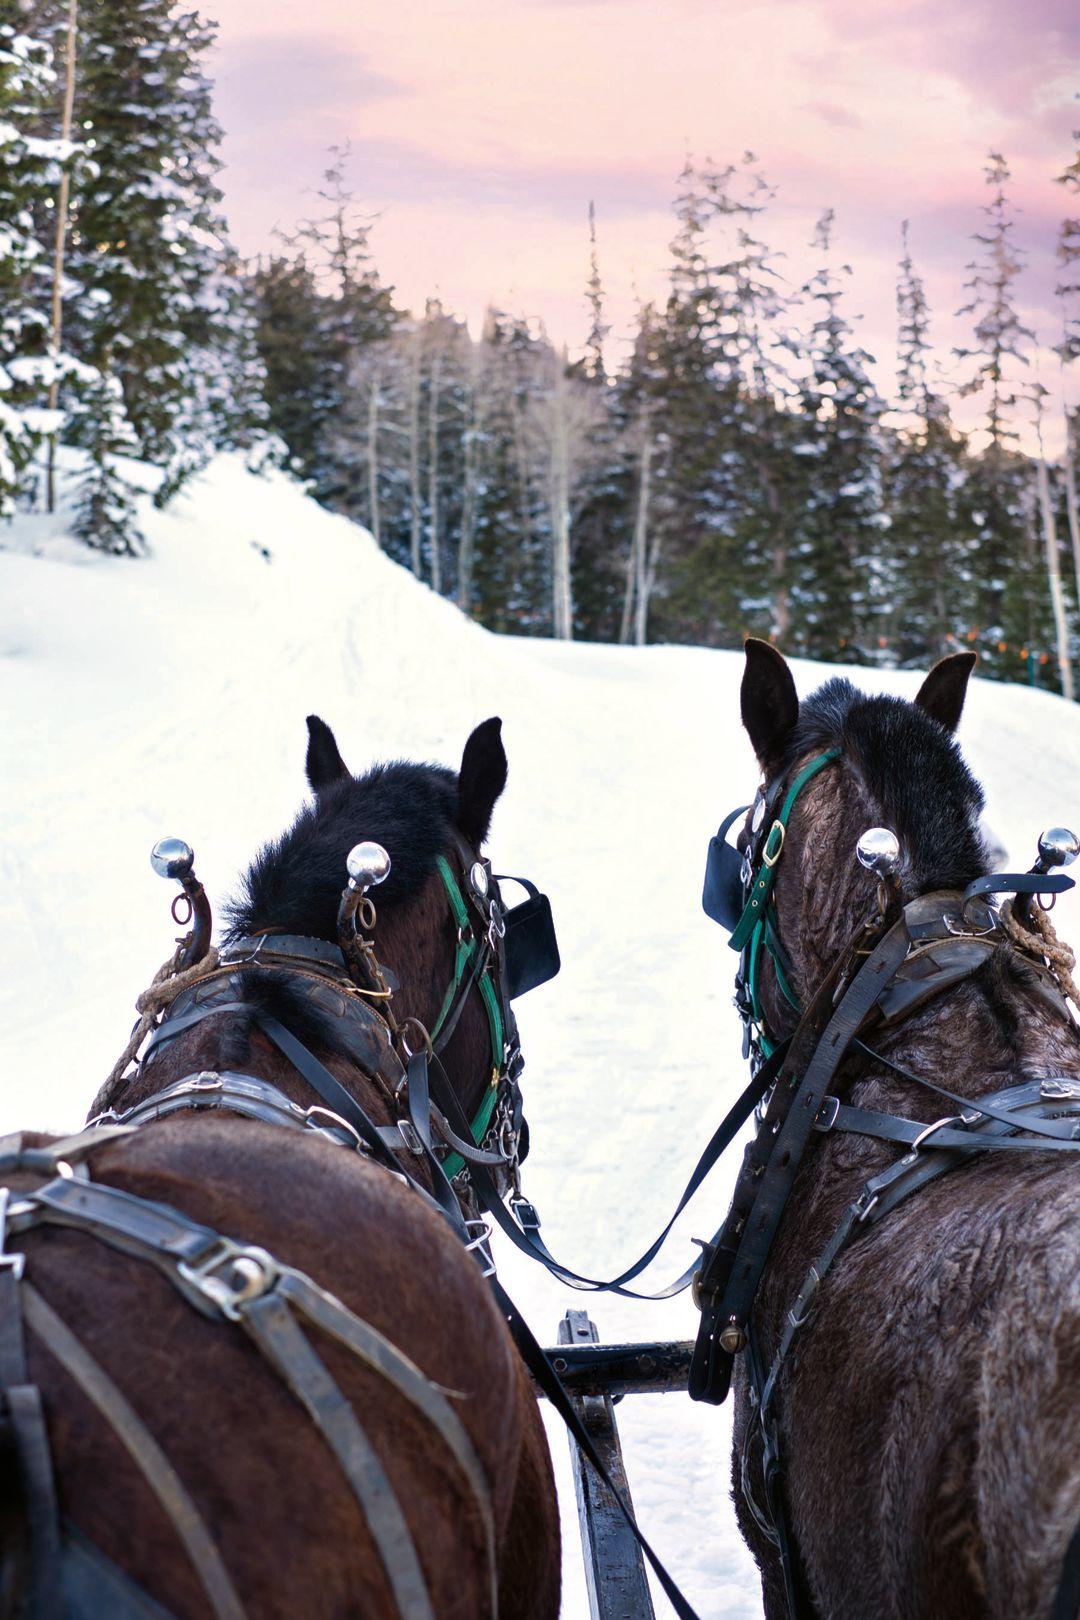 Horses sleigh 2 f4607 cmyk zv170i